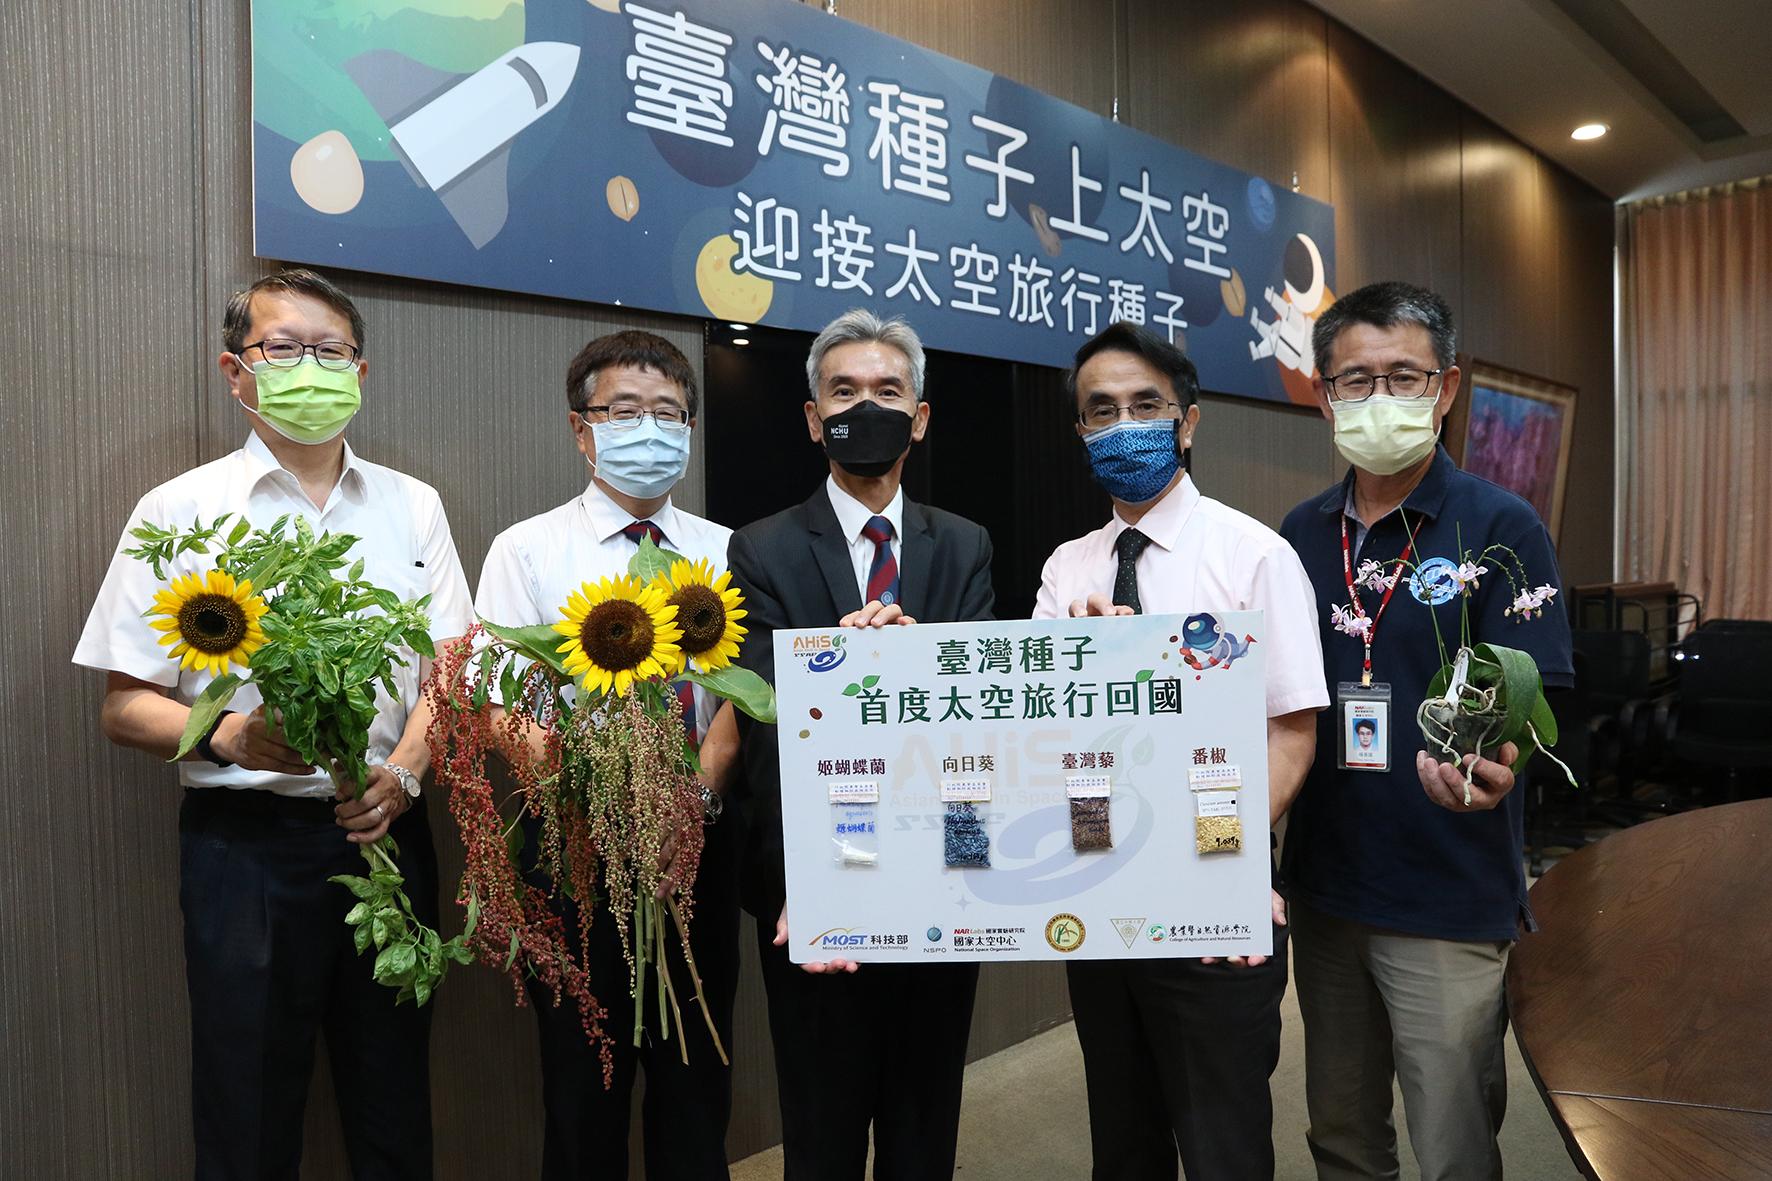 【公關組】上太空的臺灣種子回來了 9月16日興大開箱